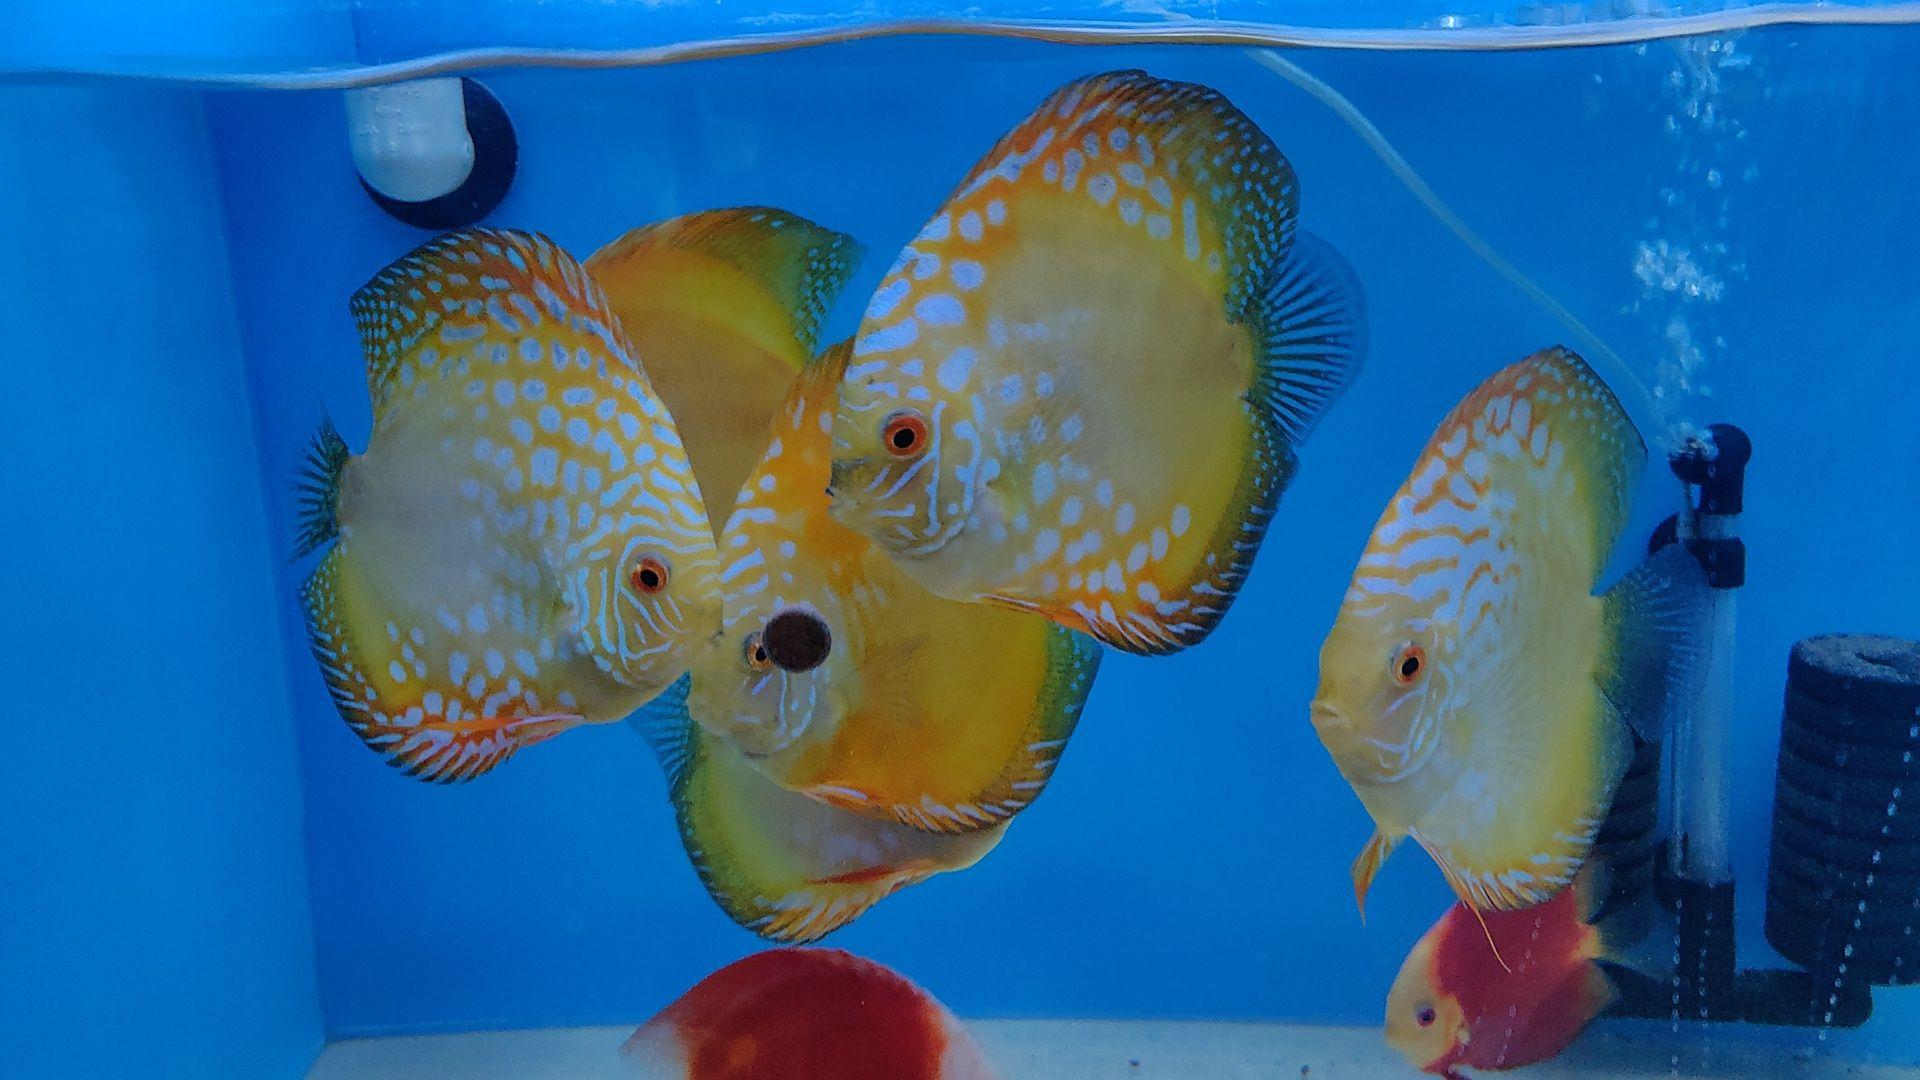 Yellow Panda Discus Fish Discus Fish Fish Fish Pet